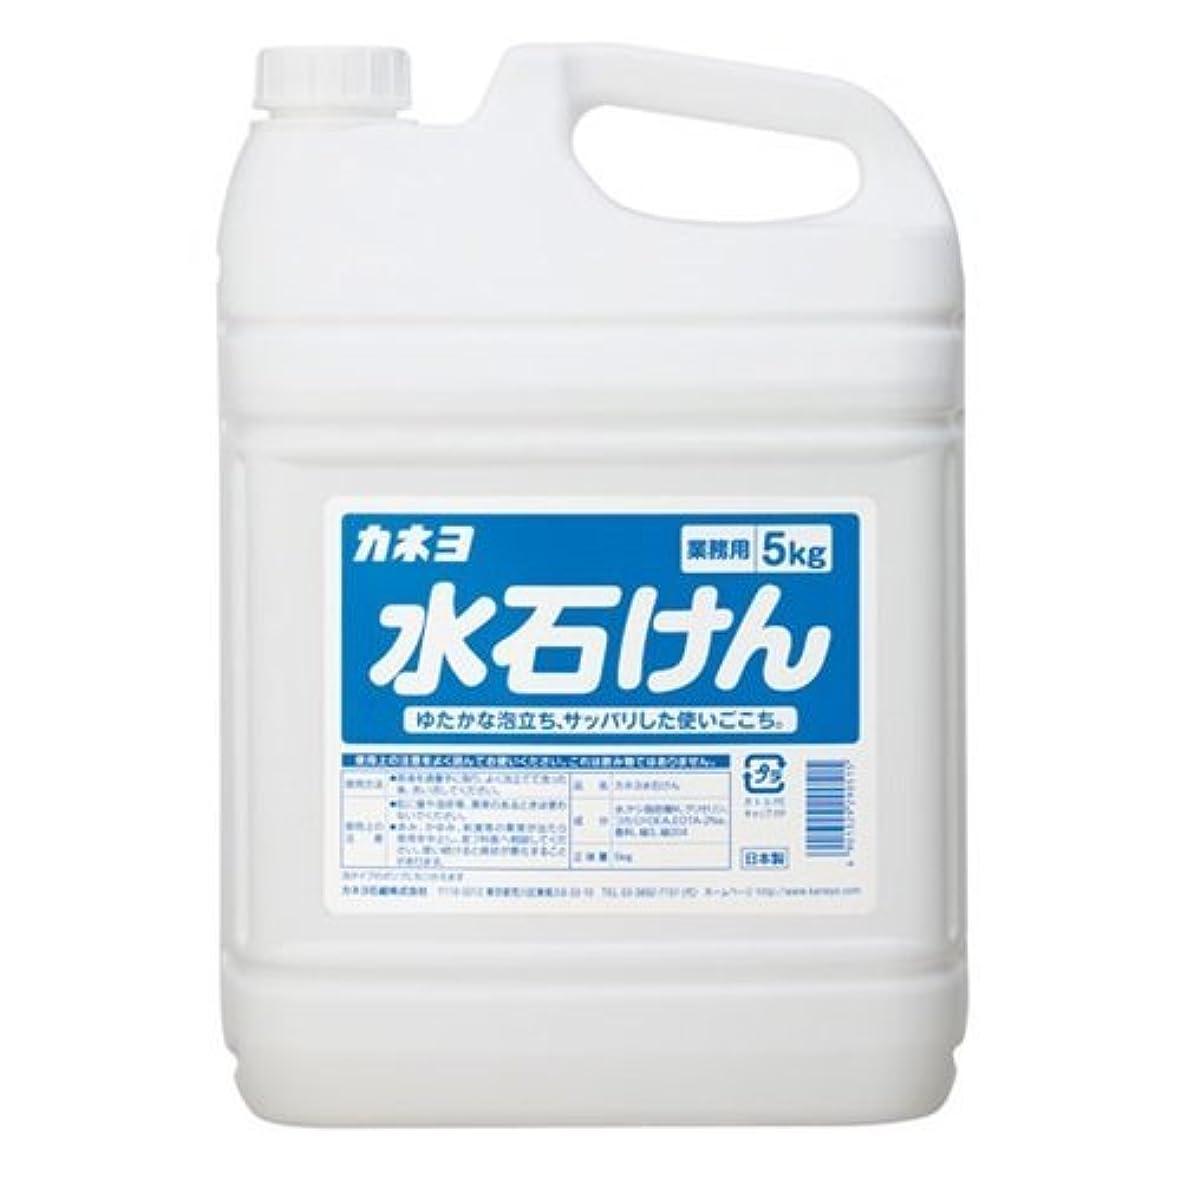 禁じるブラウン雑種【ケース販売】業務用 カネヨ水石けん 5㎏×3本